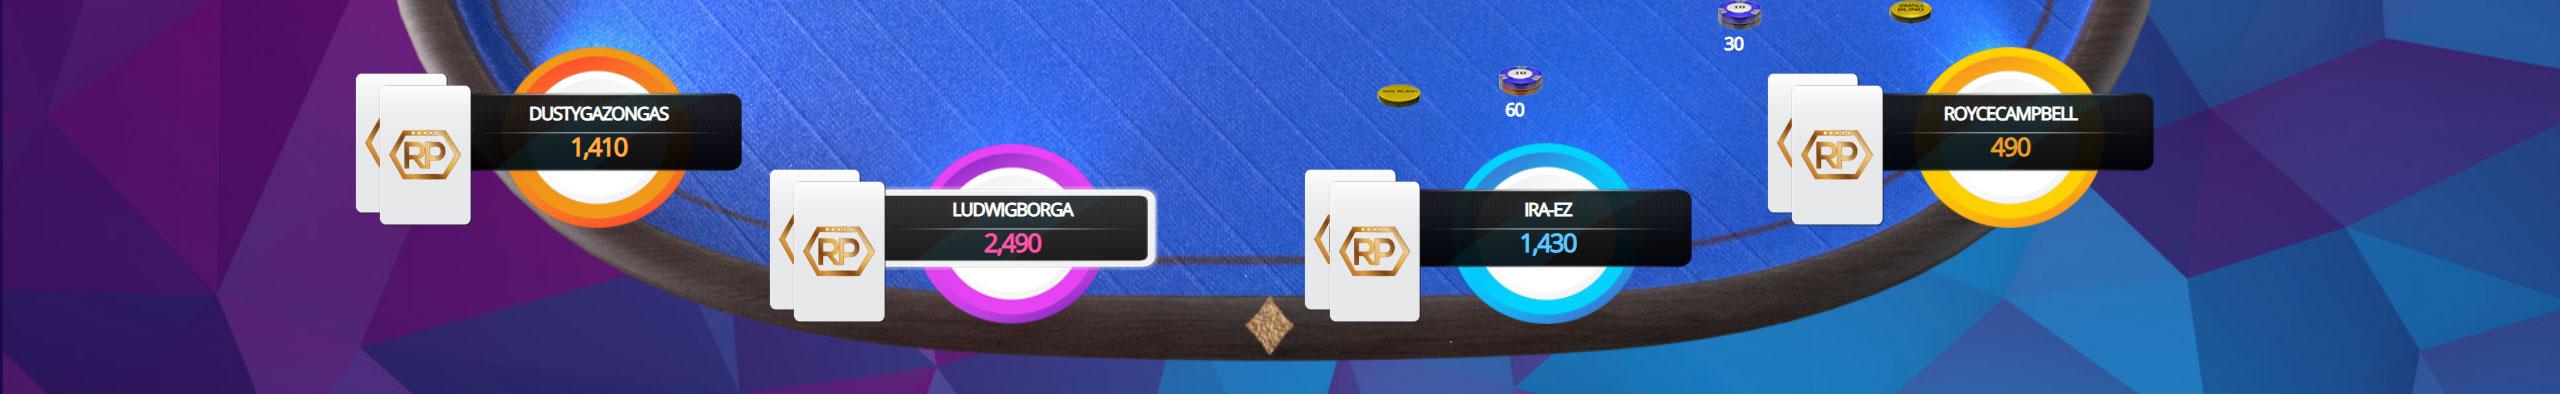 câștigarea de bitcoin este ușor)